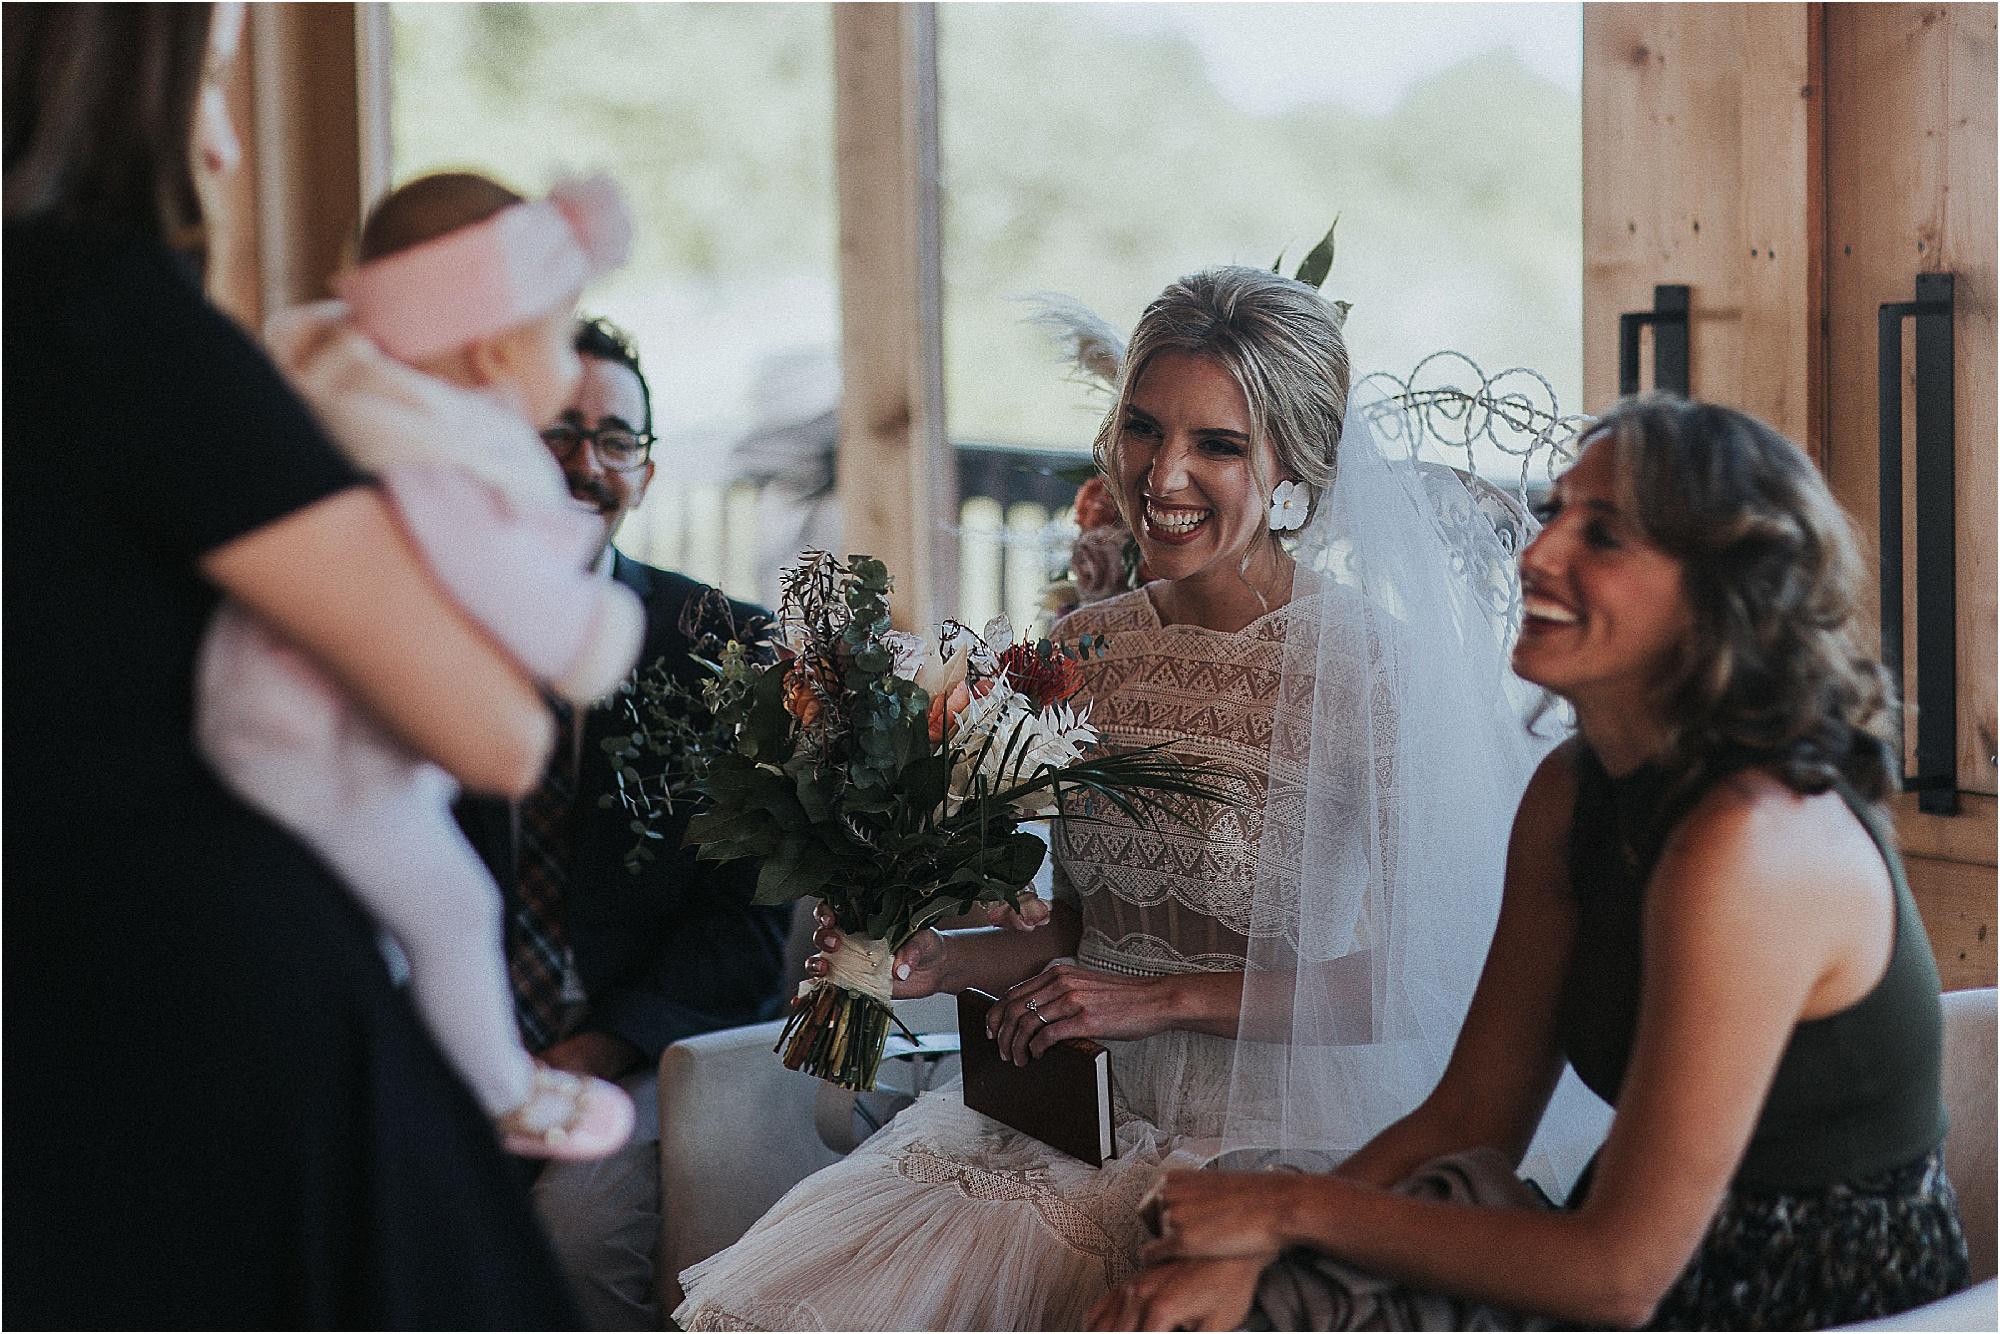 The B'deken between bride and groom